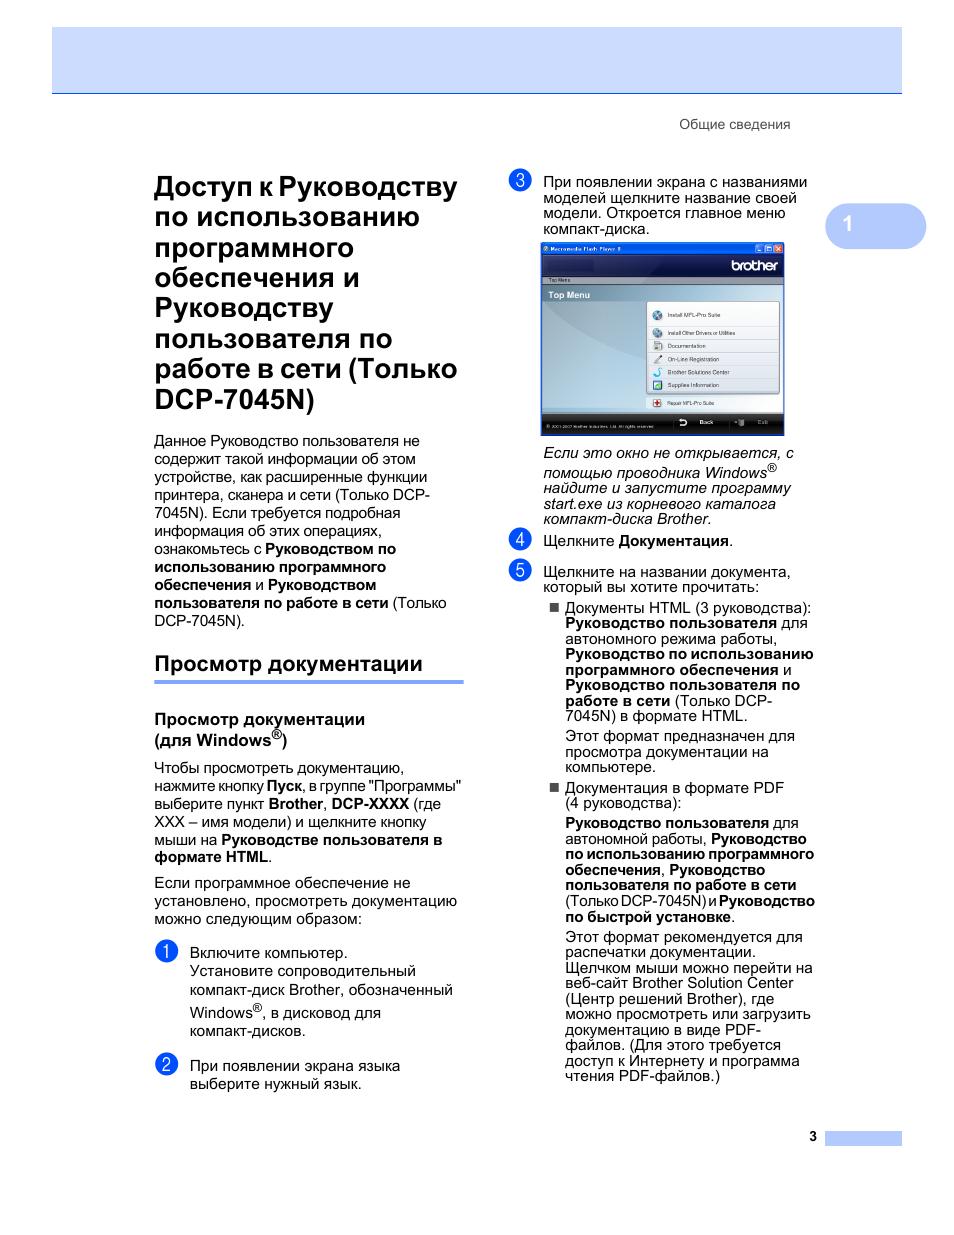 Просмотр документации, Просмотр документации (для windows®)